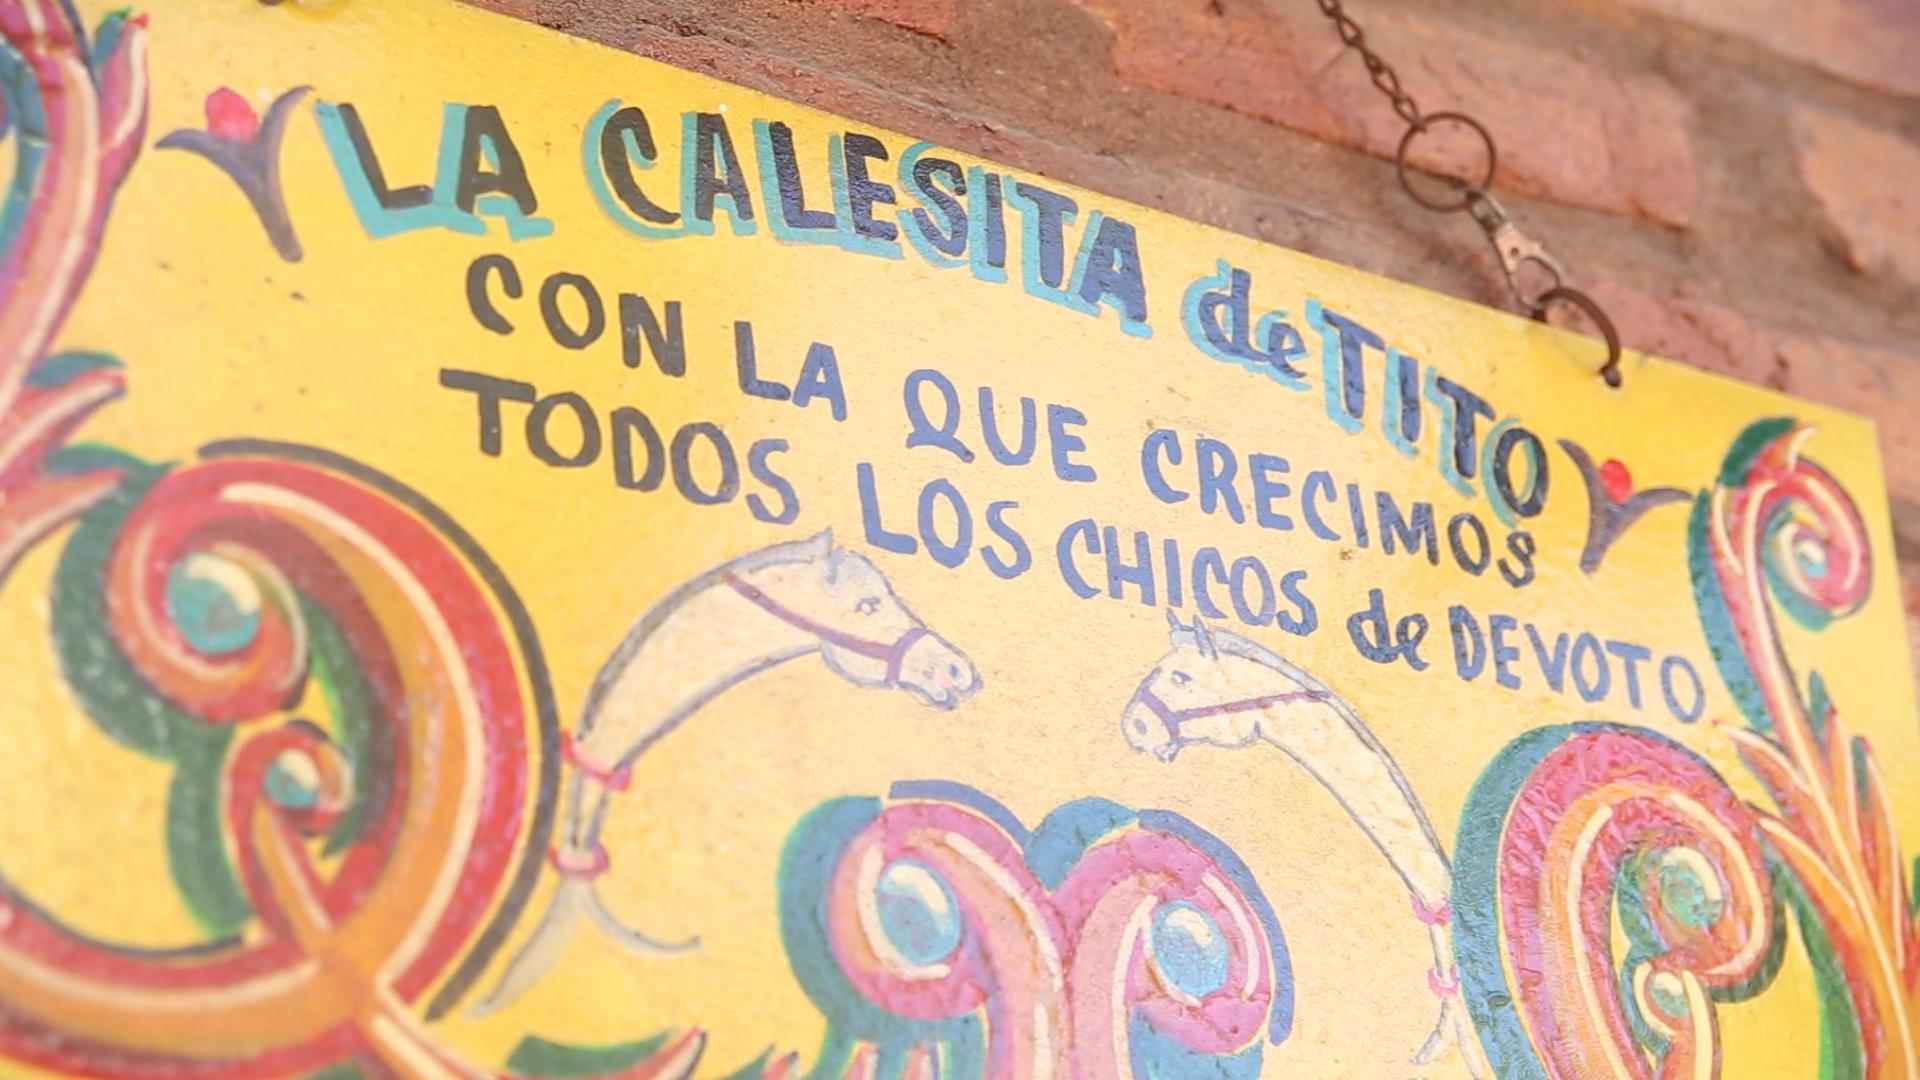 La calesita de Tito, una tradición que traspasó generaciones